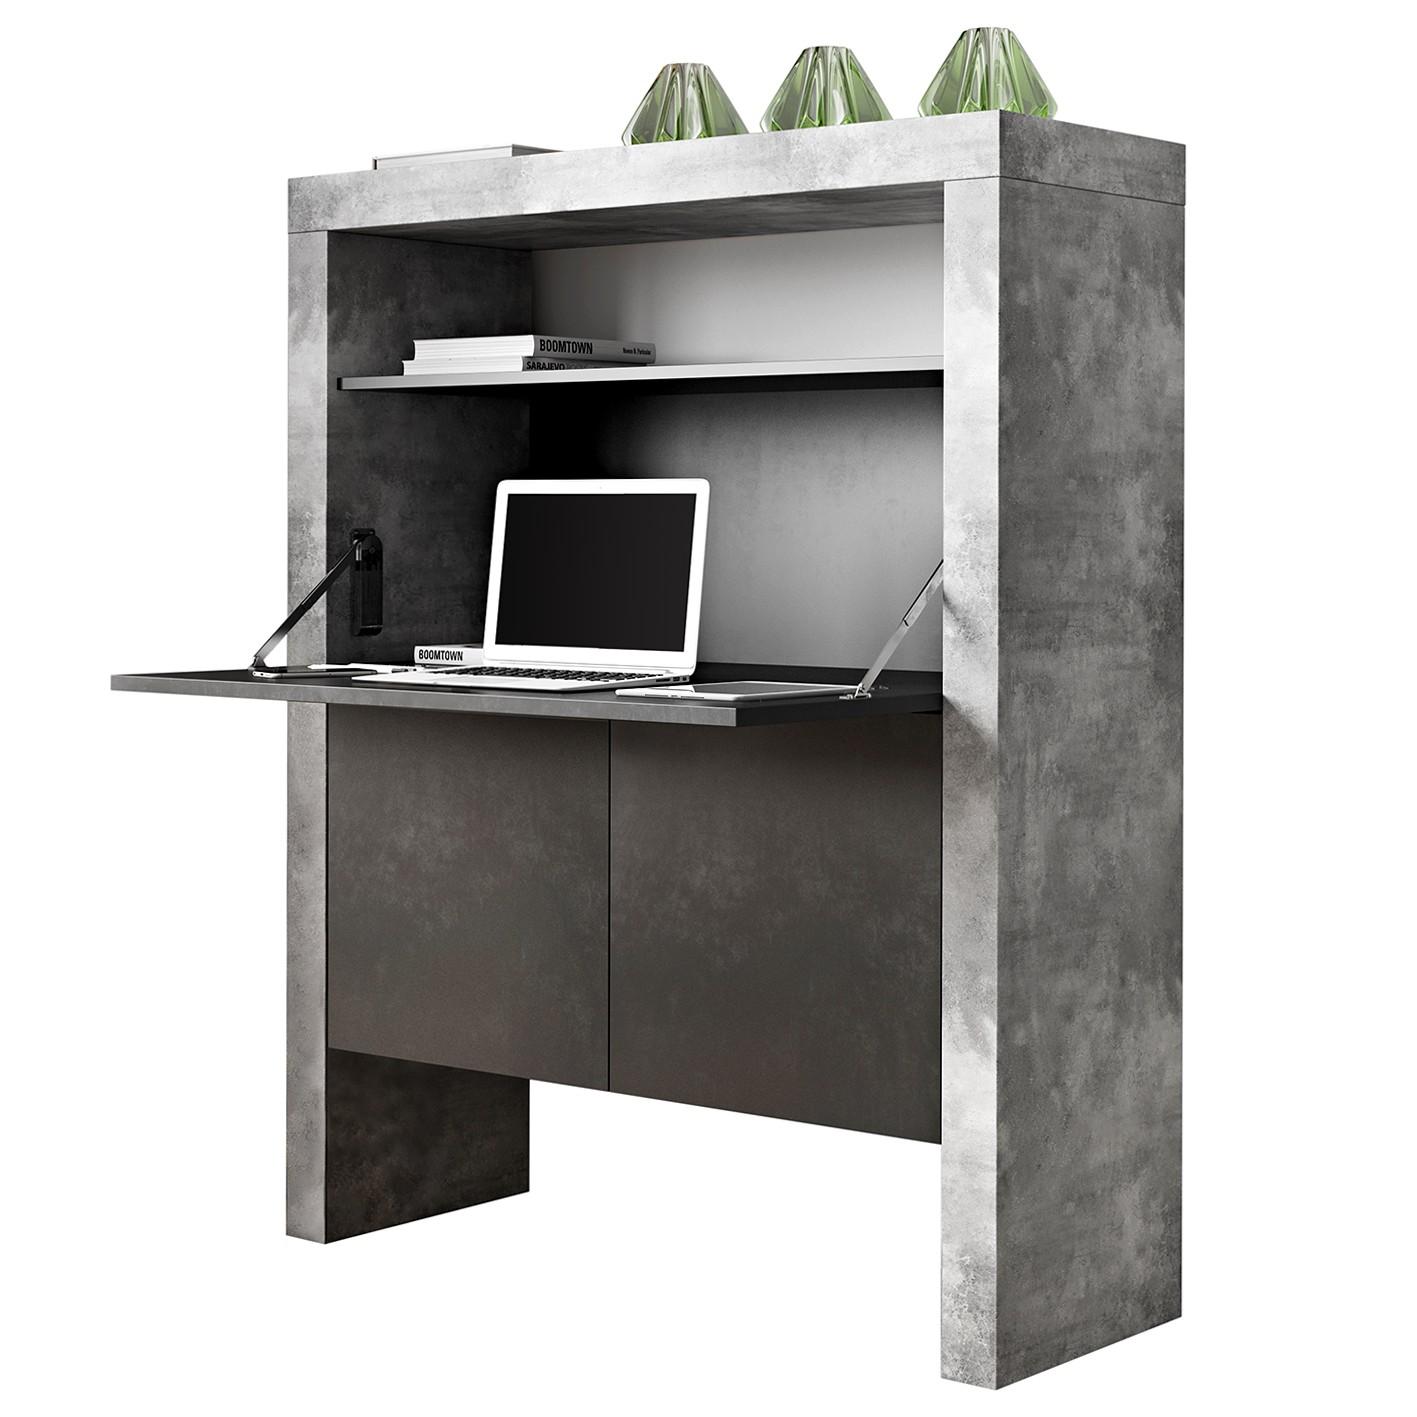 sekret r preisvergleich die besten angebote online kaufen. Black Bedroom Furniture Sets. Home Design Ideas